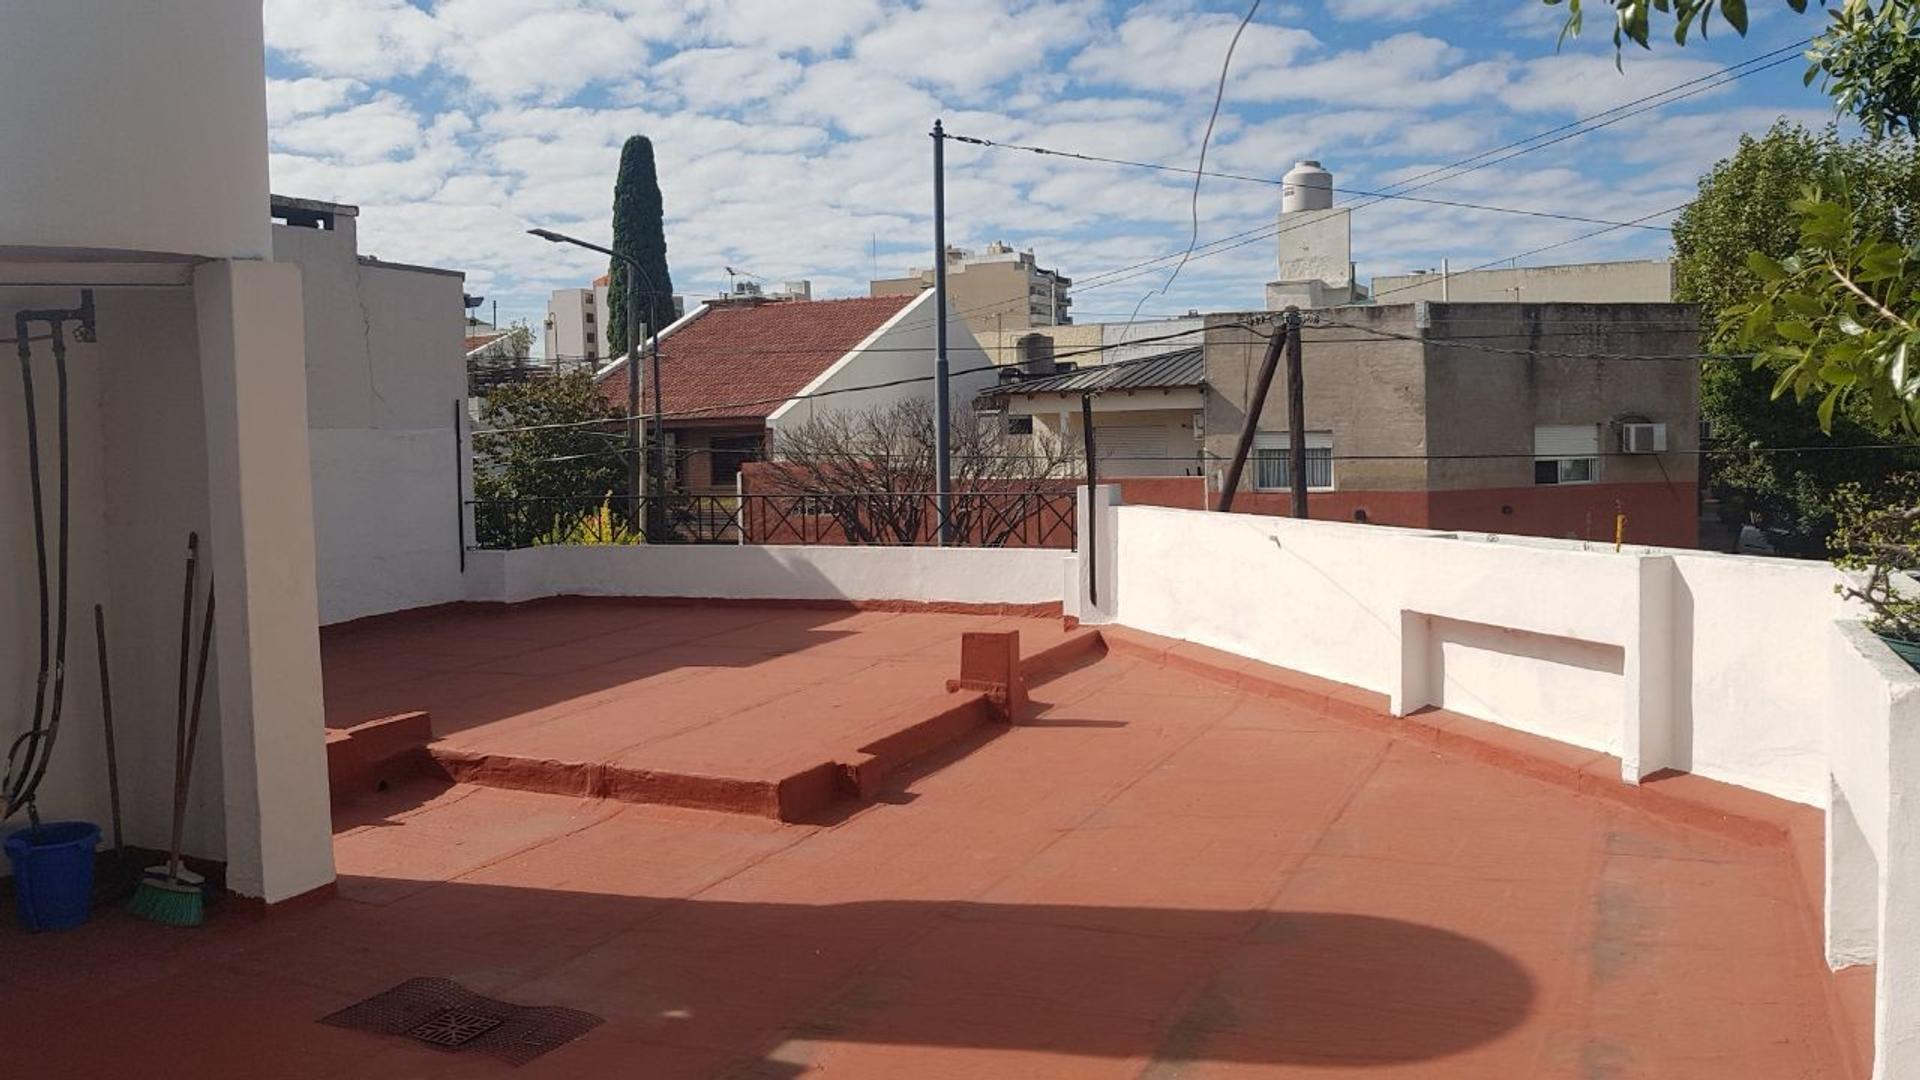 Casa En Venta En Virgilio 1100 Villa Luro Inmuebles Clarín